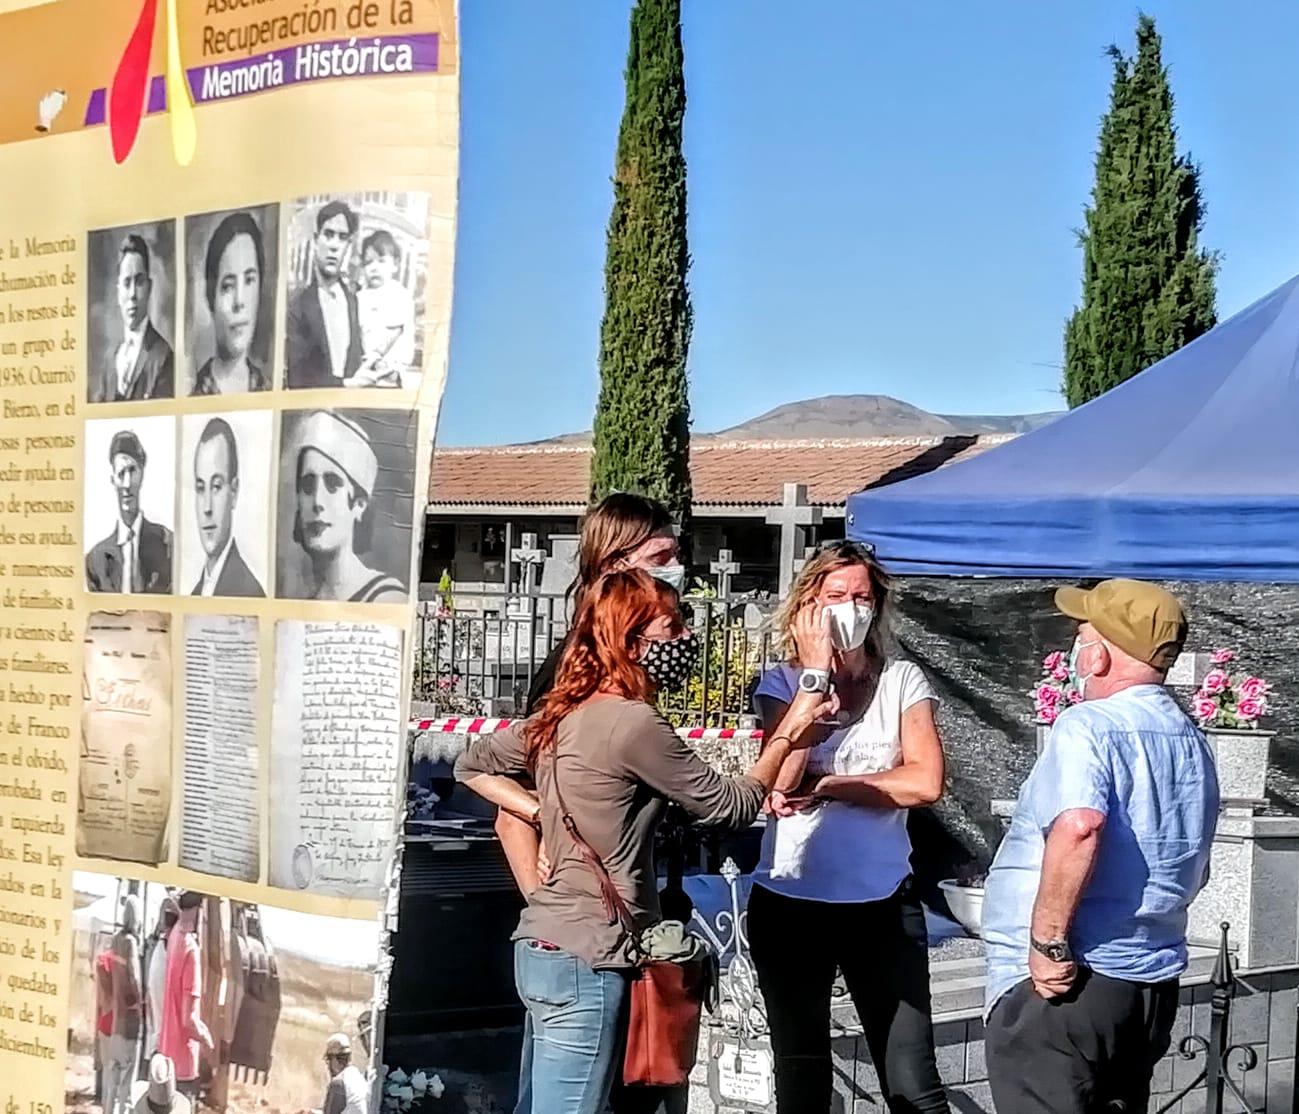 Asociación para la Recuperación de la Memoria Histórica.